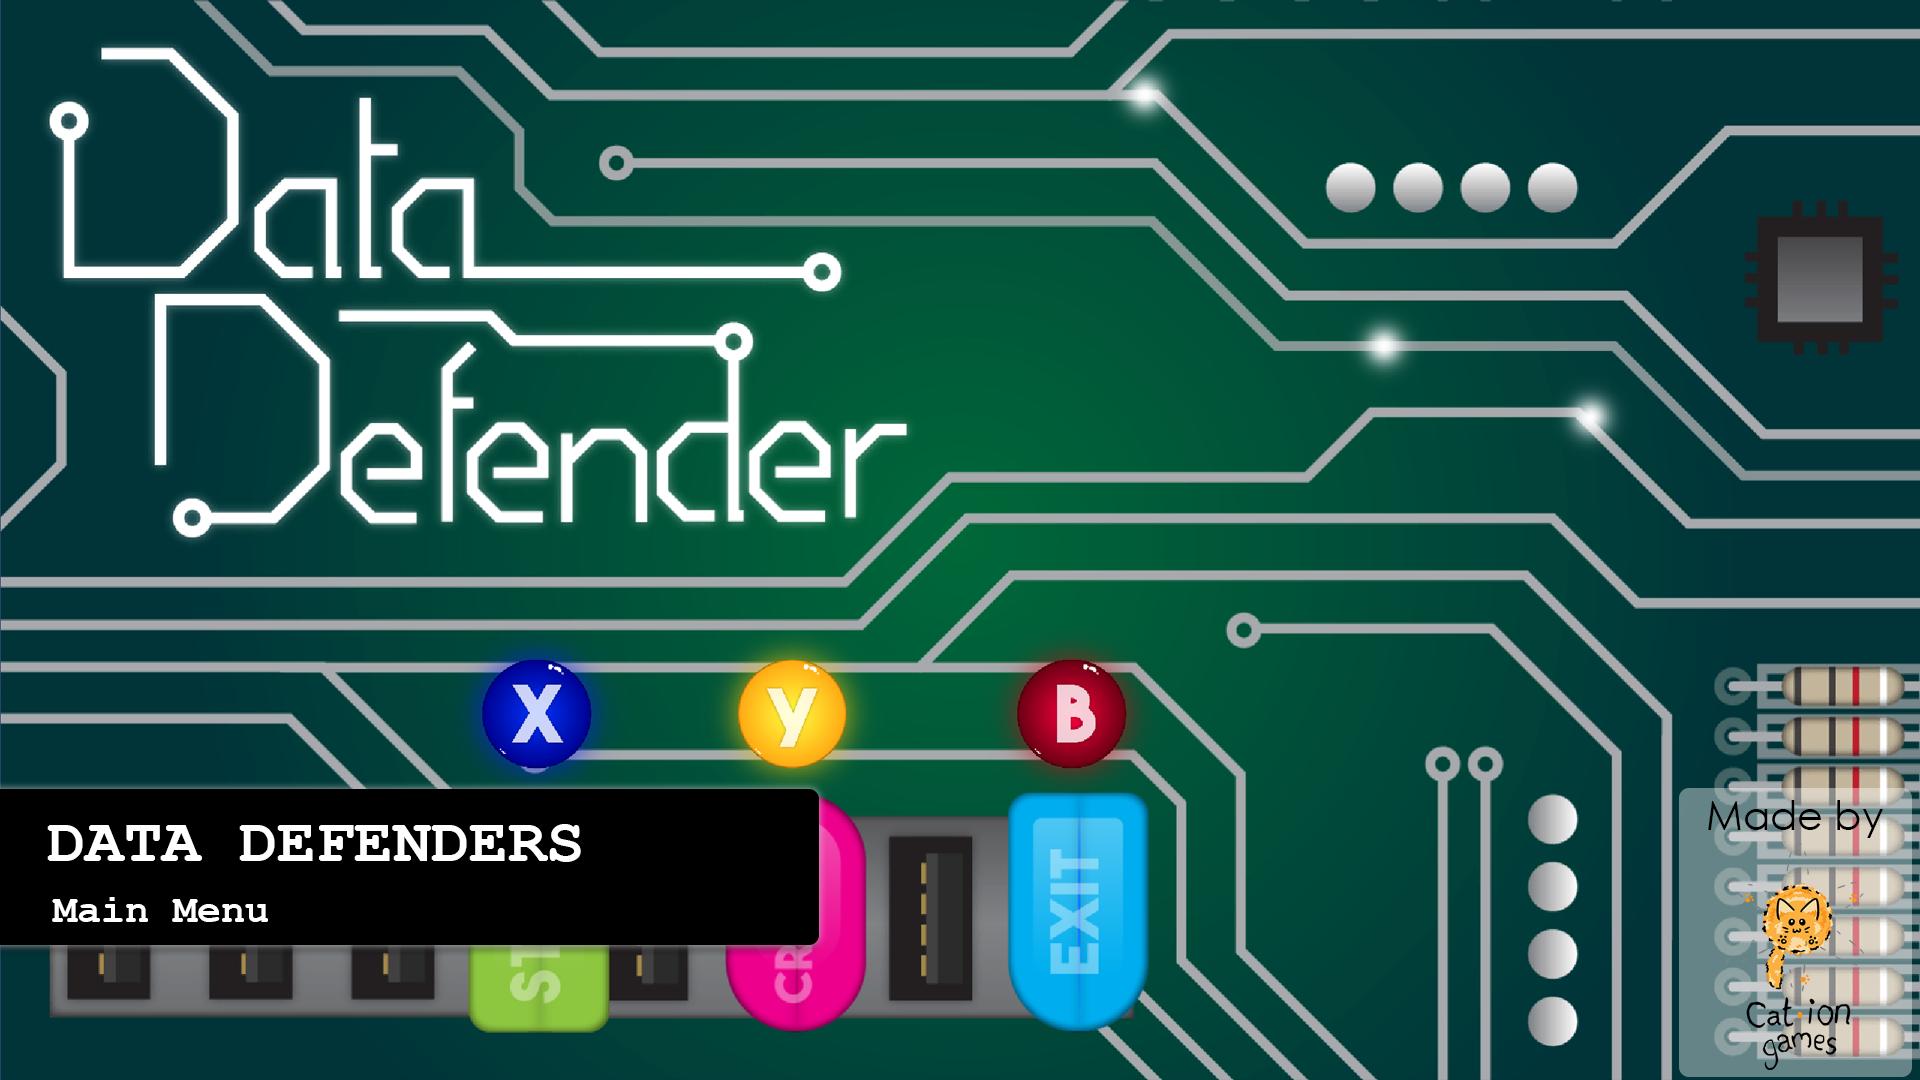 Data Defender Main Menu